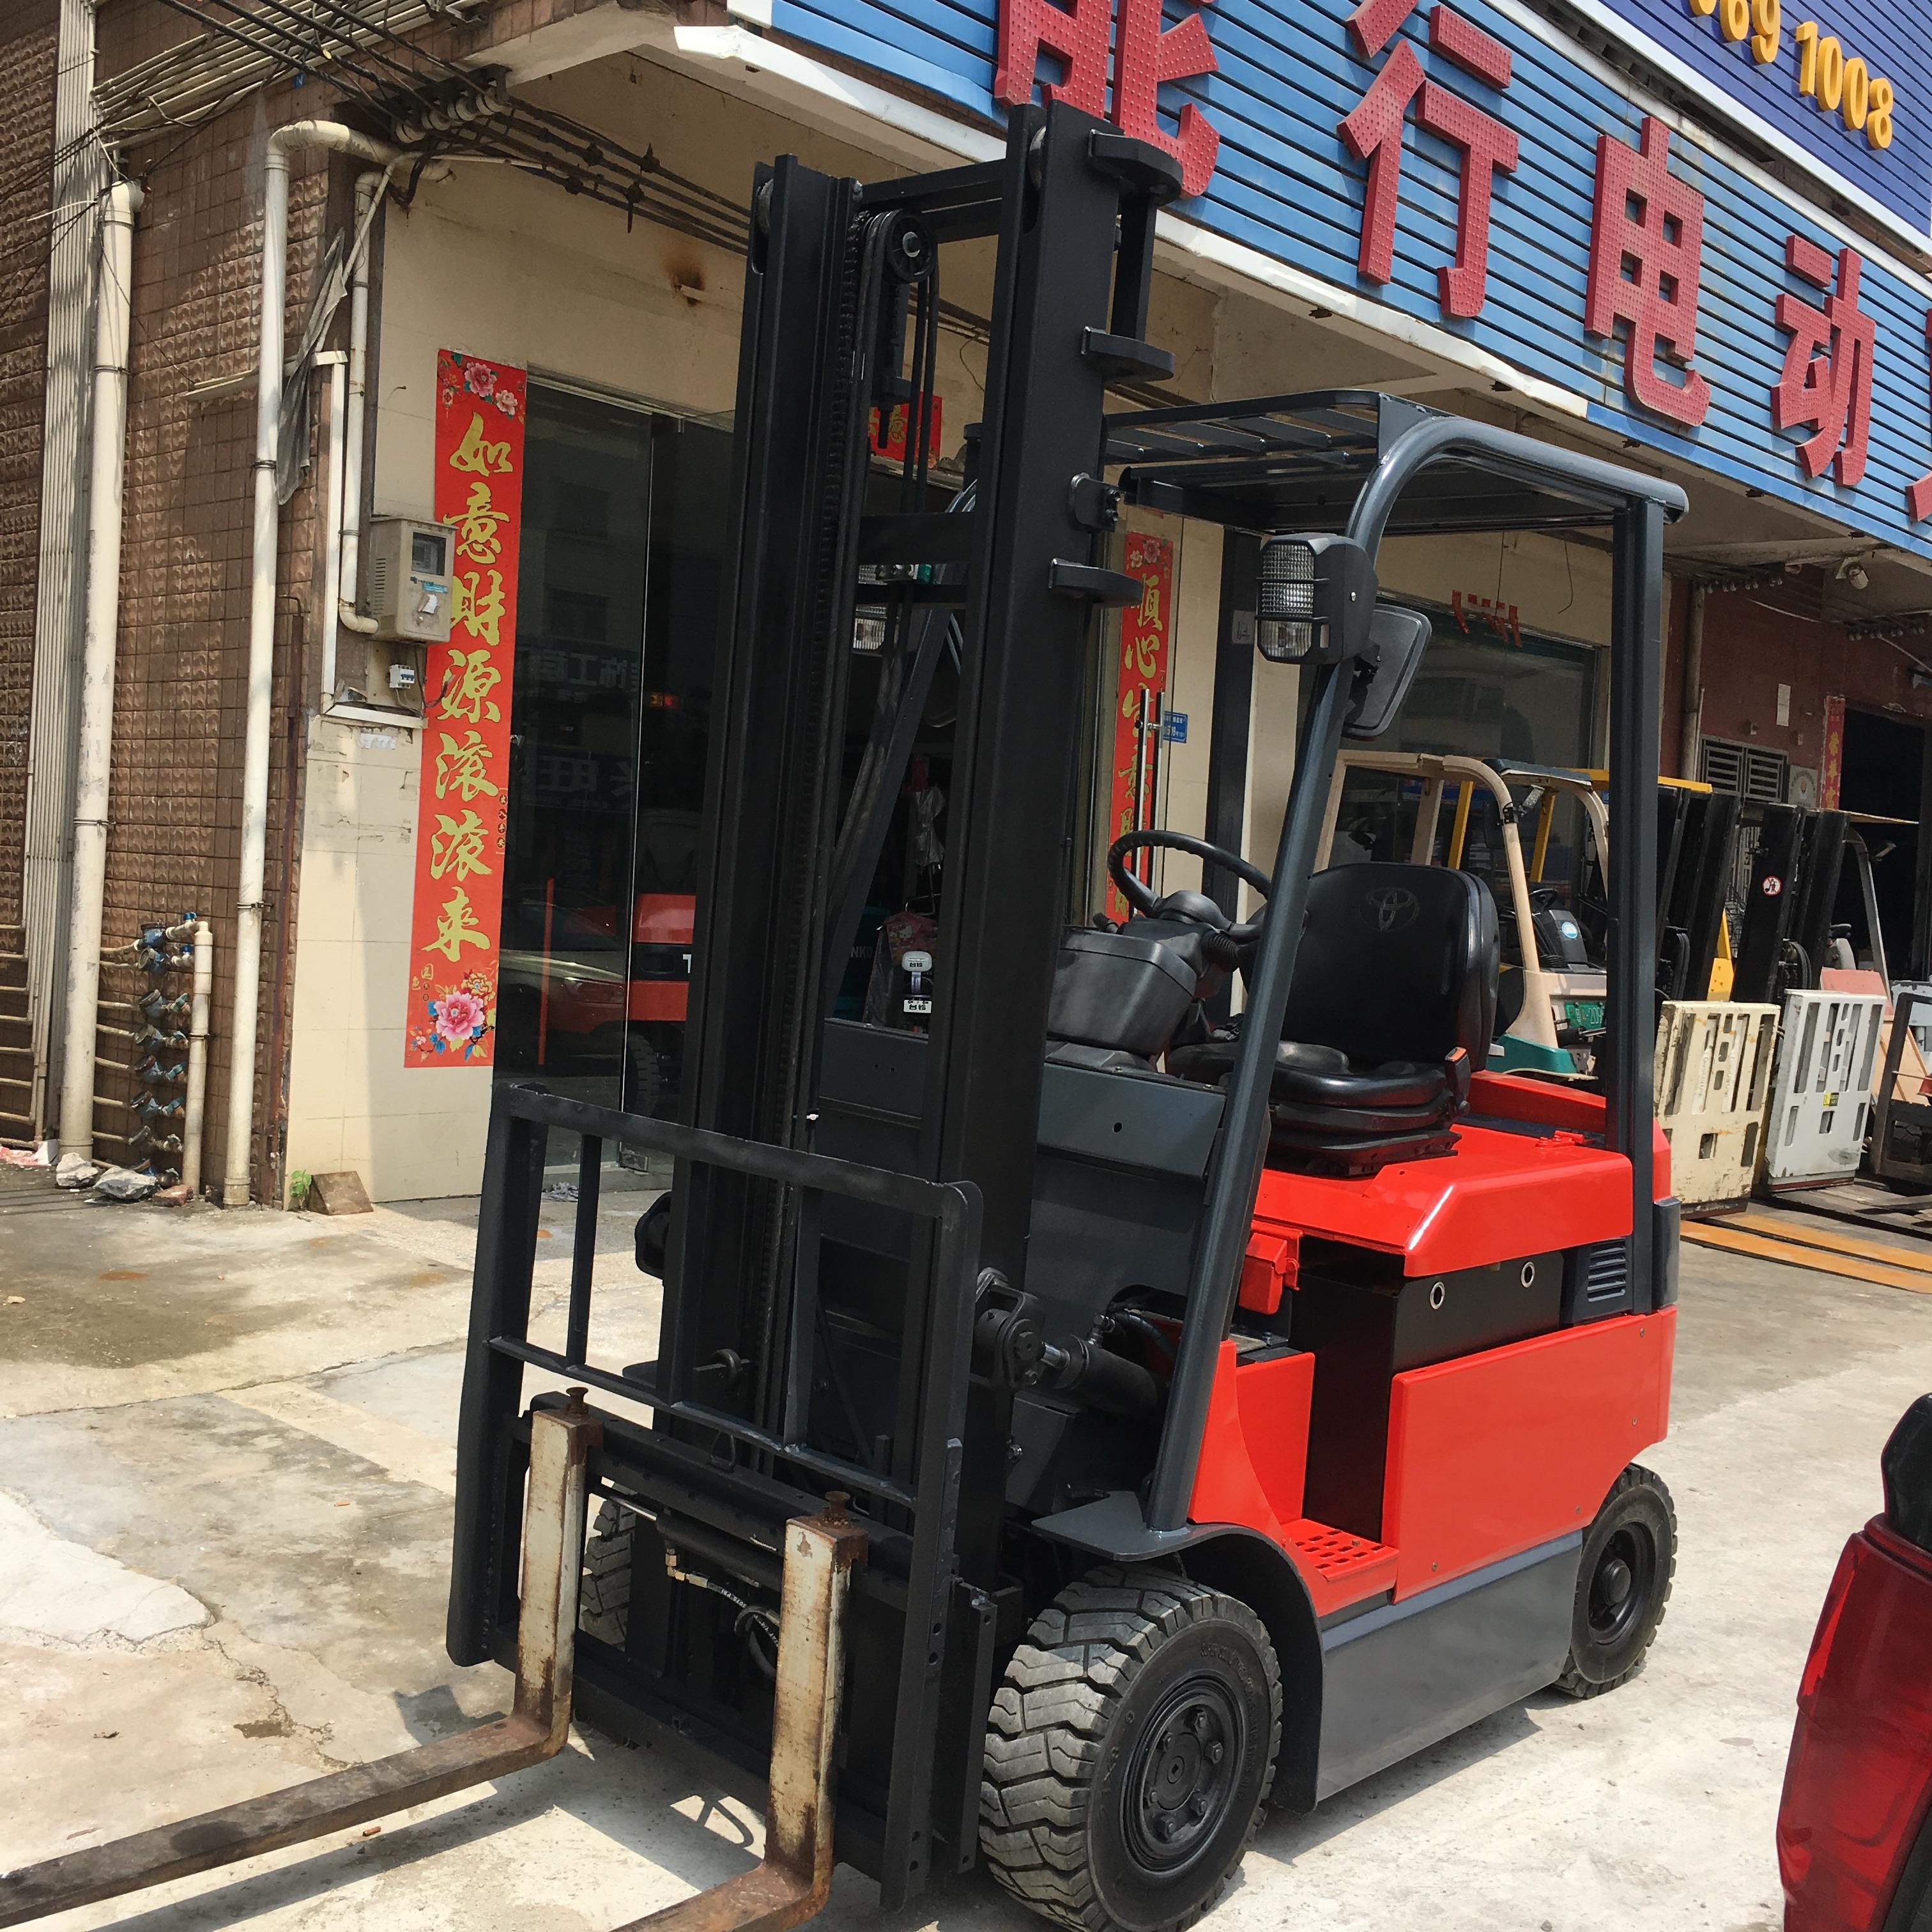 二手进口2吨丰田电动叉车出租两工升高4米带左右摆